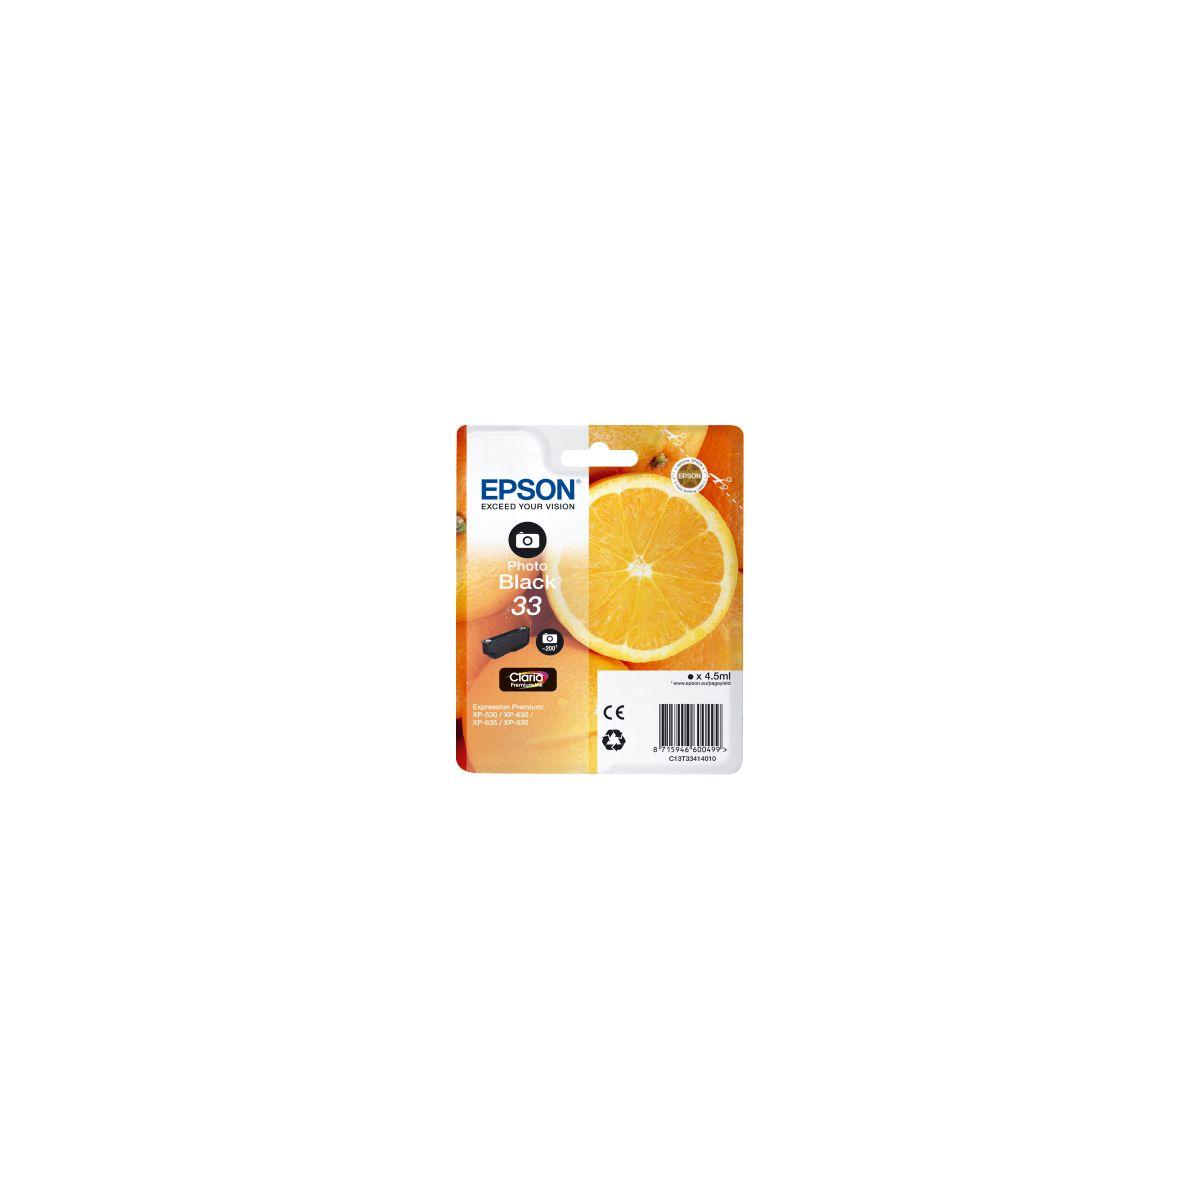 Cartouche d'encre epson t3341 noire photo premium s�rie orange